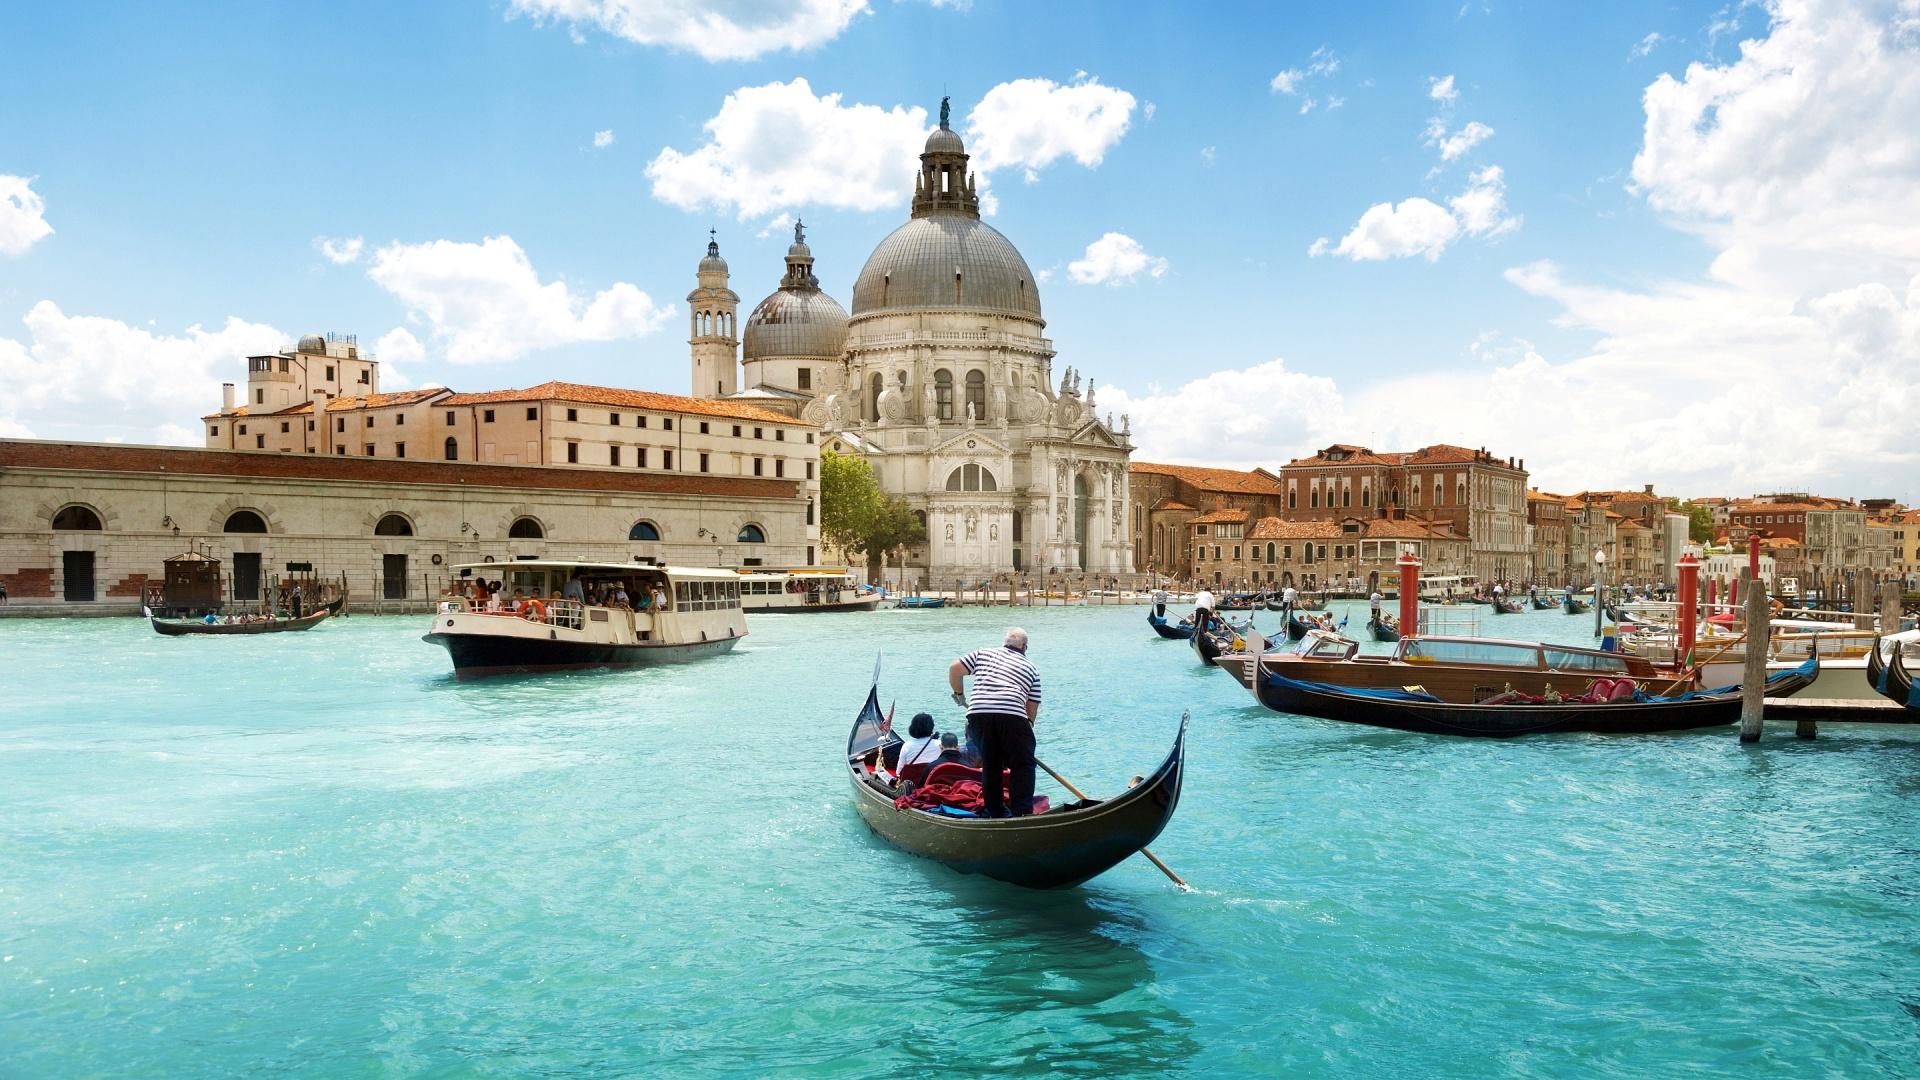 DU LỊCH ITALIA – An Bình Booking